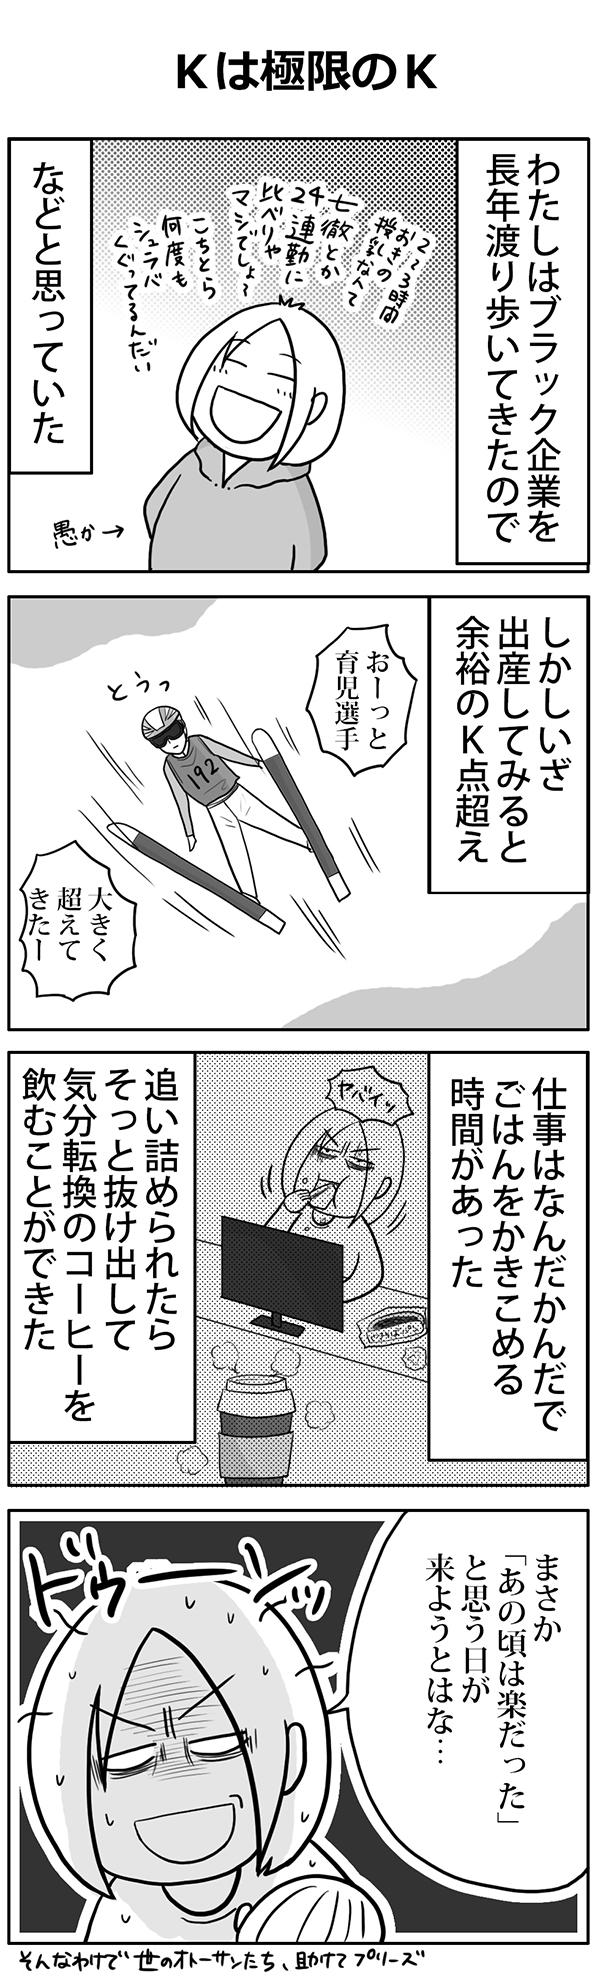 katakrico_68